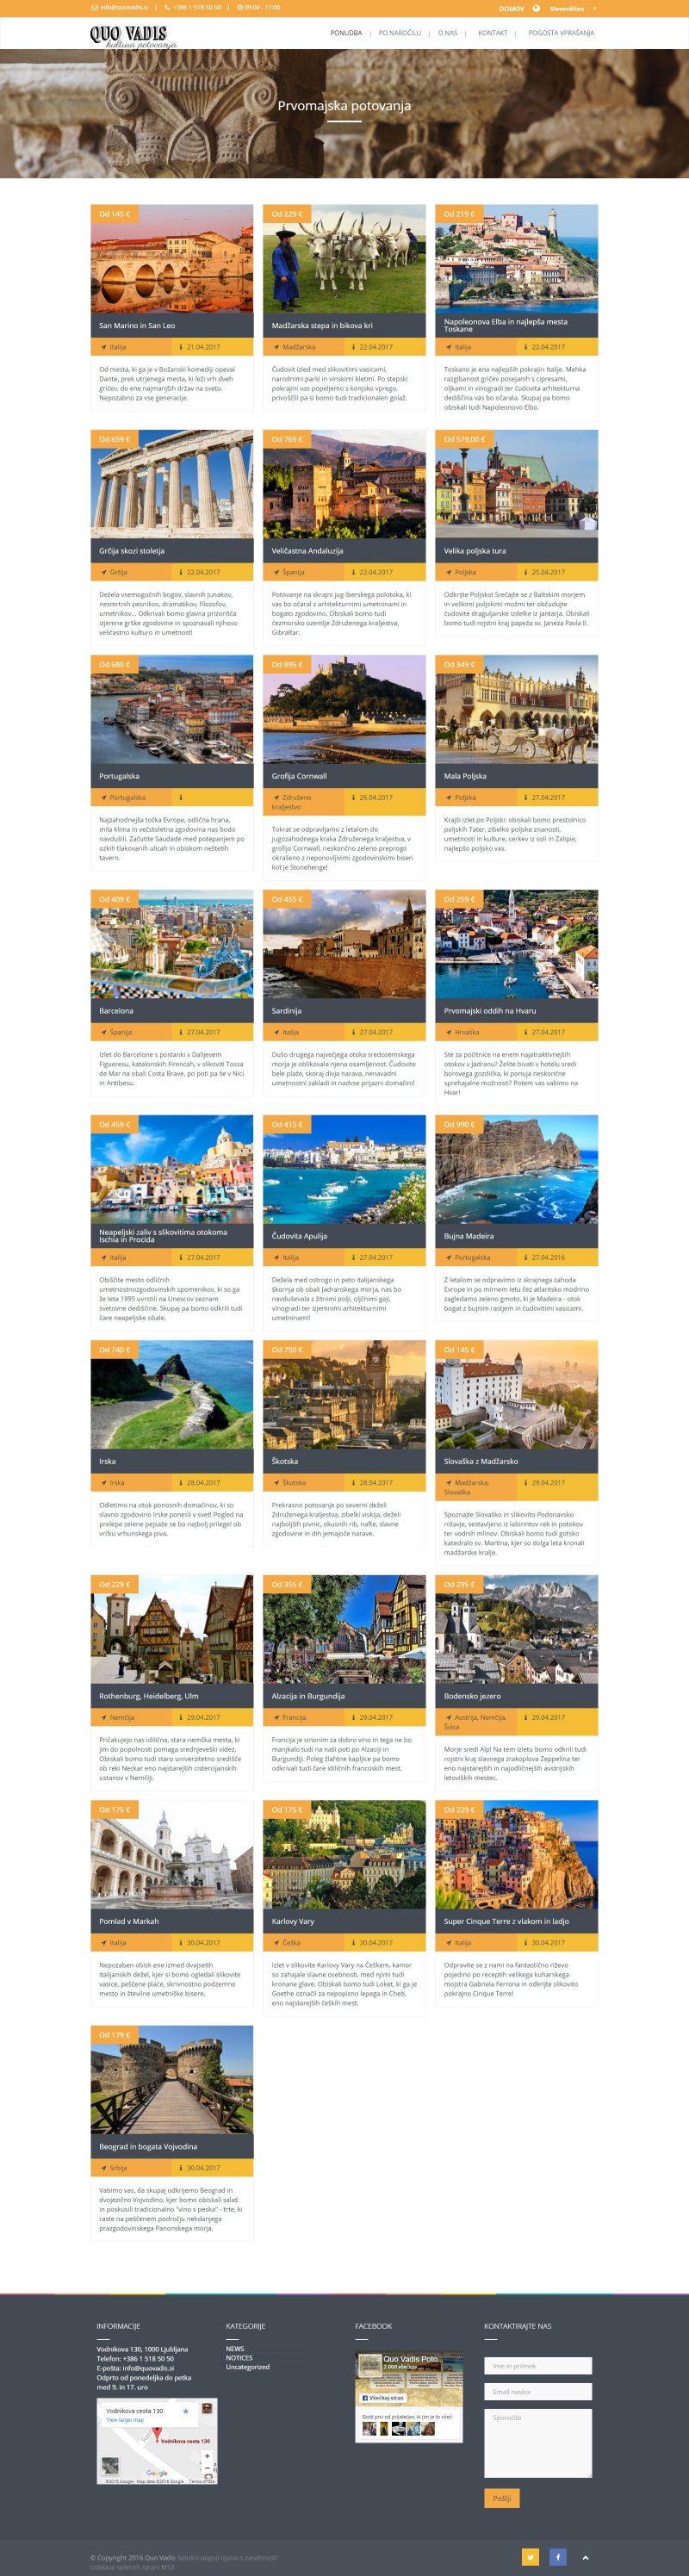 http://quovadis.si/typologies-packages/prvomajska-potovanja/